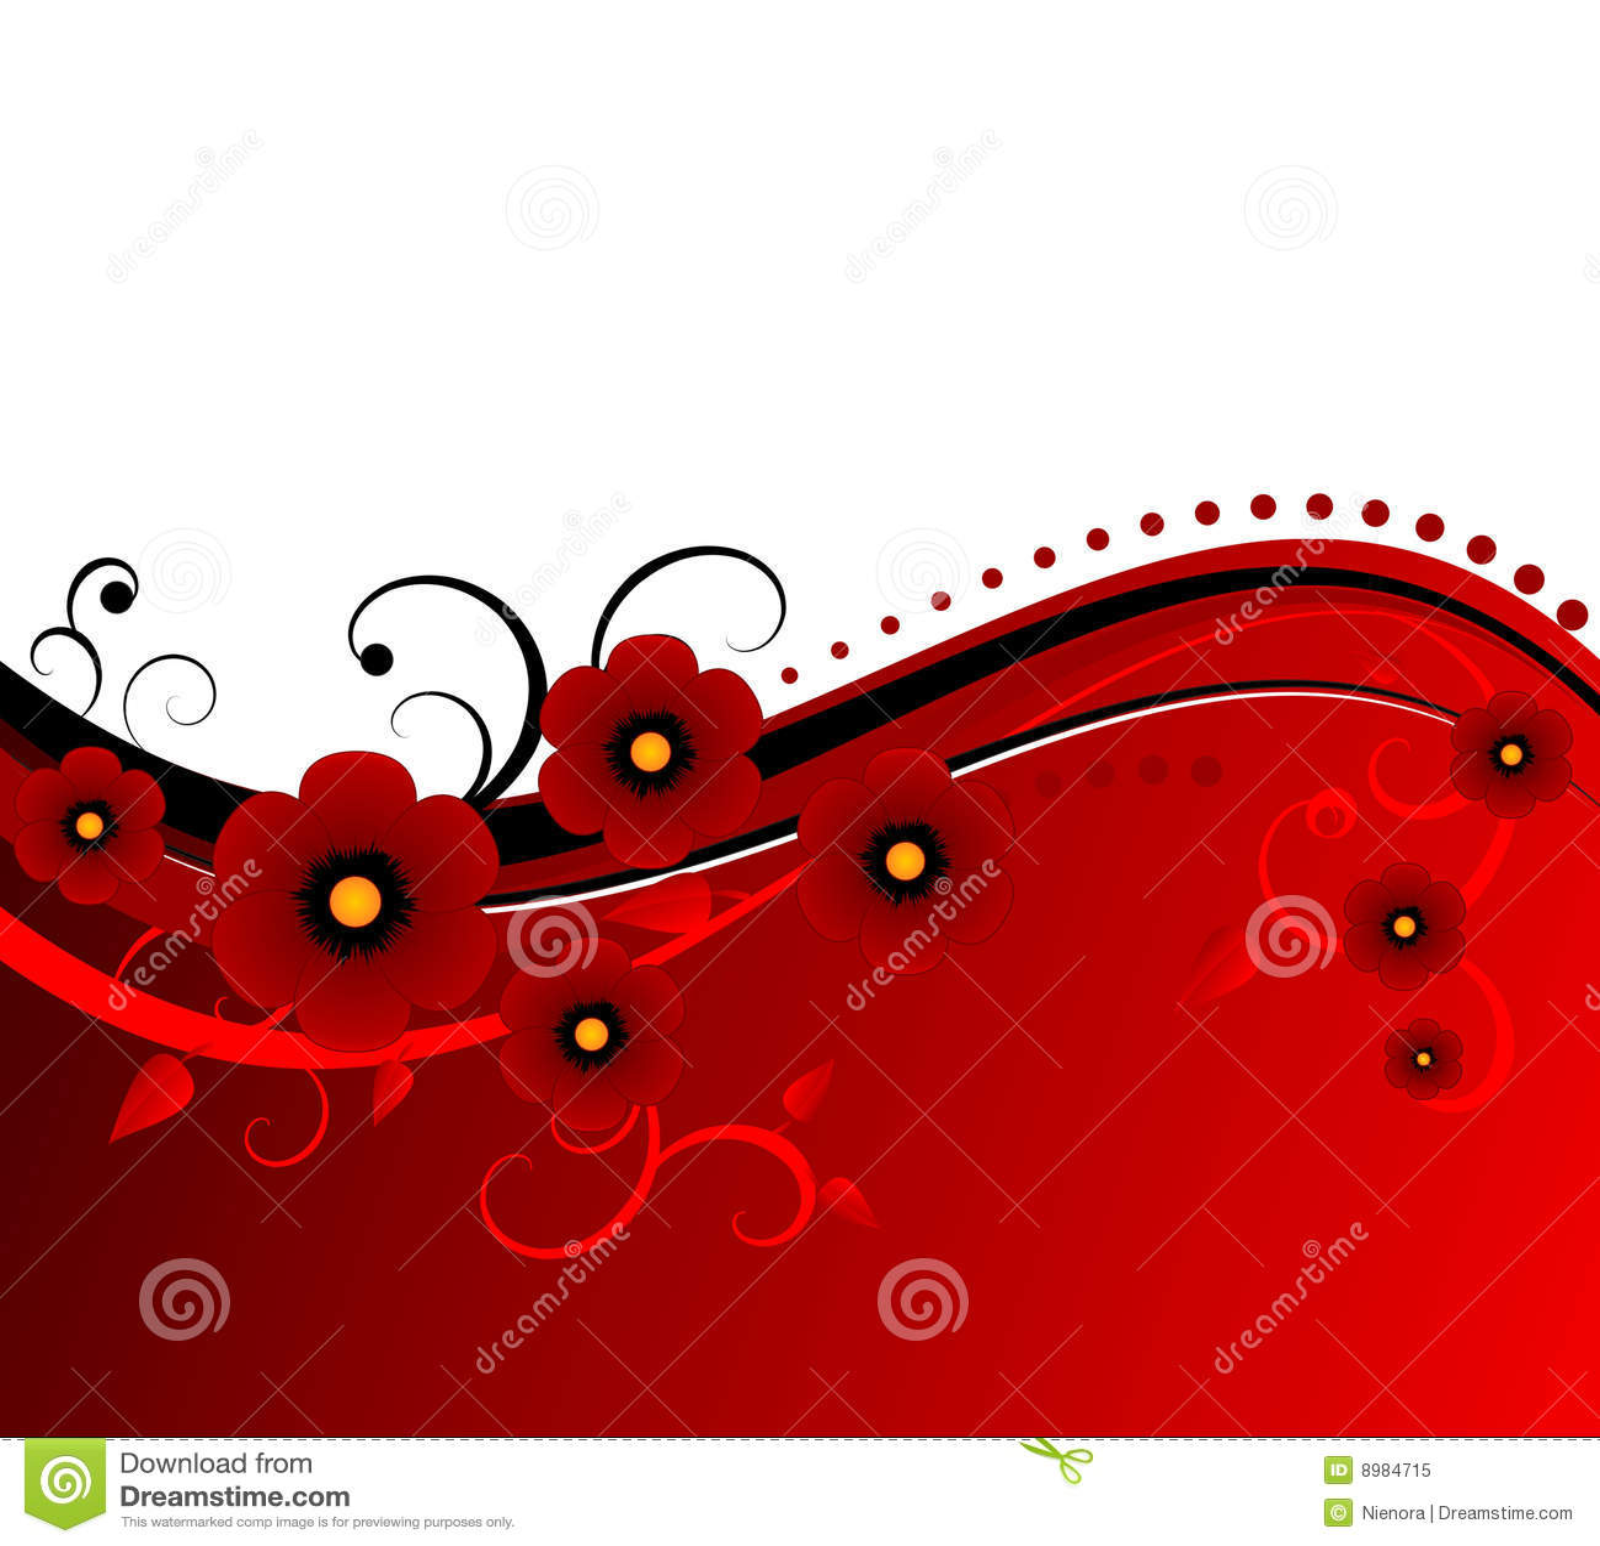 Blood Red Vector Floral Design